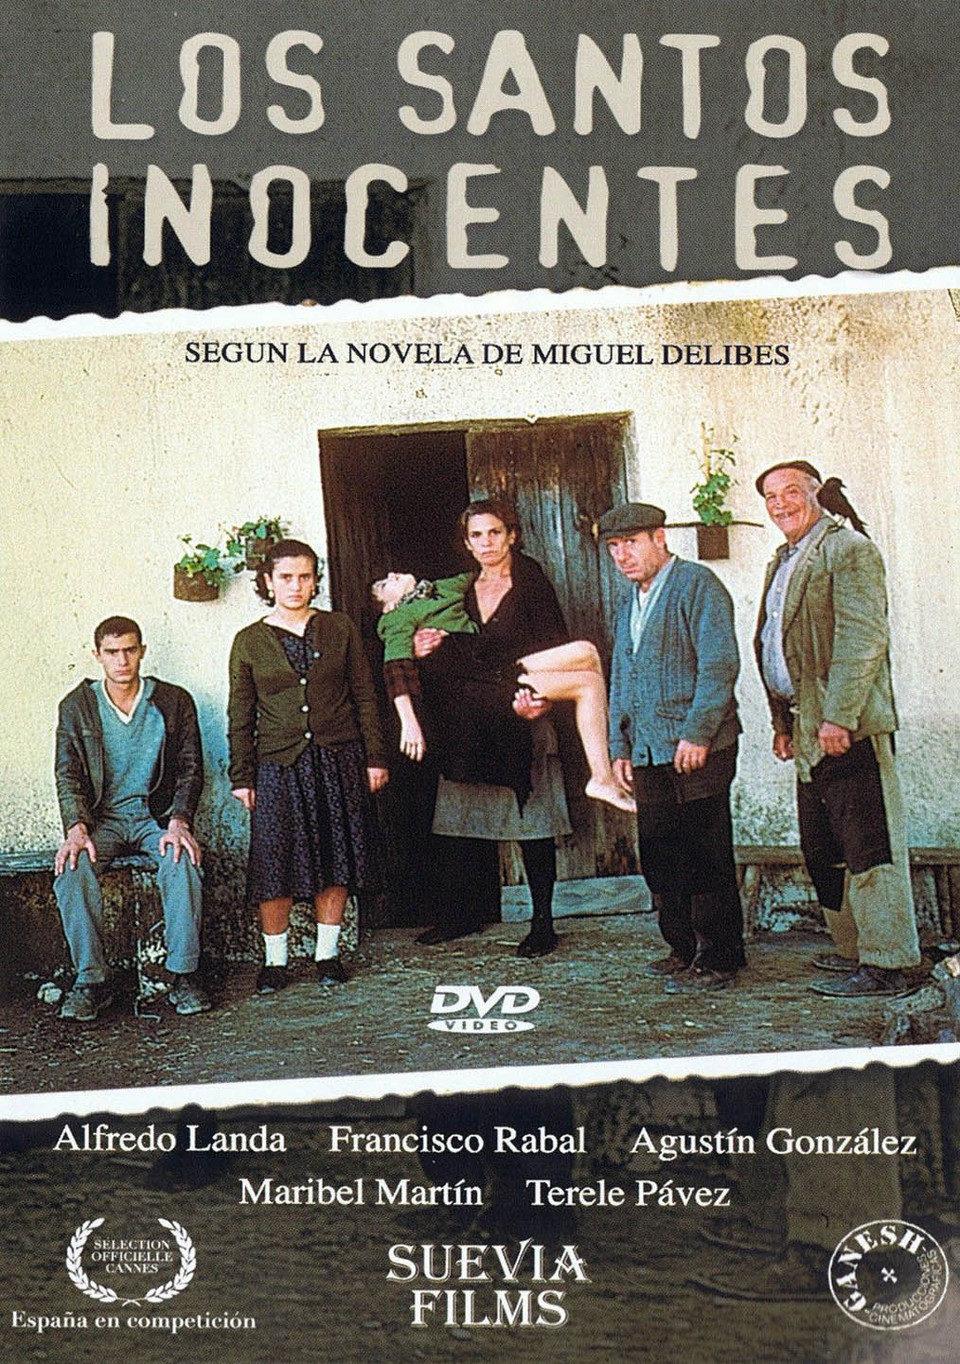 Cartel España de 'Los santos inocentes'